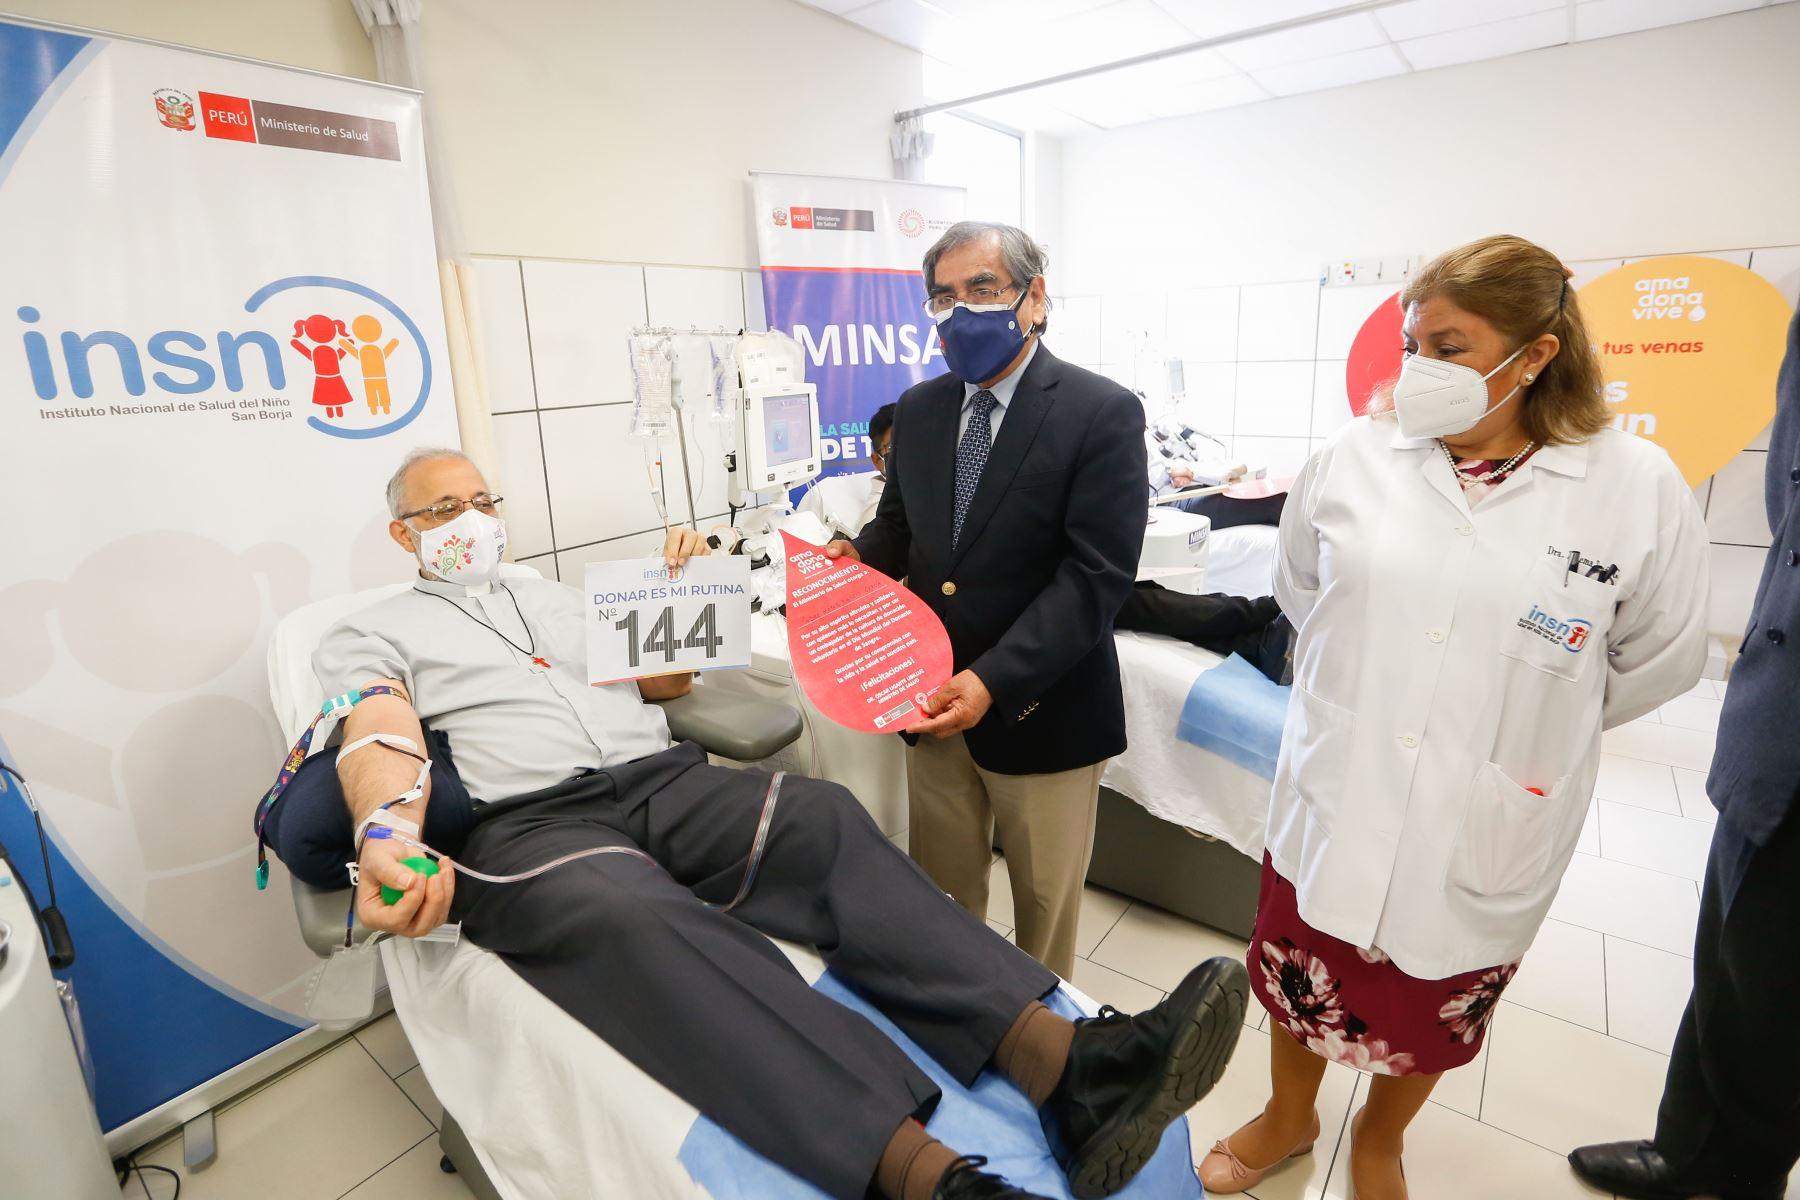 Ministro de Salud, Óscar Ugarte, en el marco del día mundial del donante de sangre, inaugura la ruta del donante en el Instituto Nacional de Salud del Niño - San Borja. Foto: Minsa